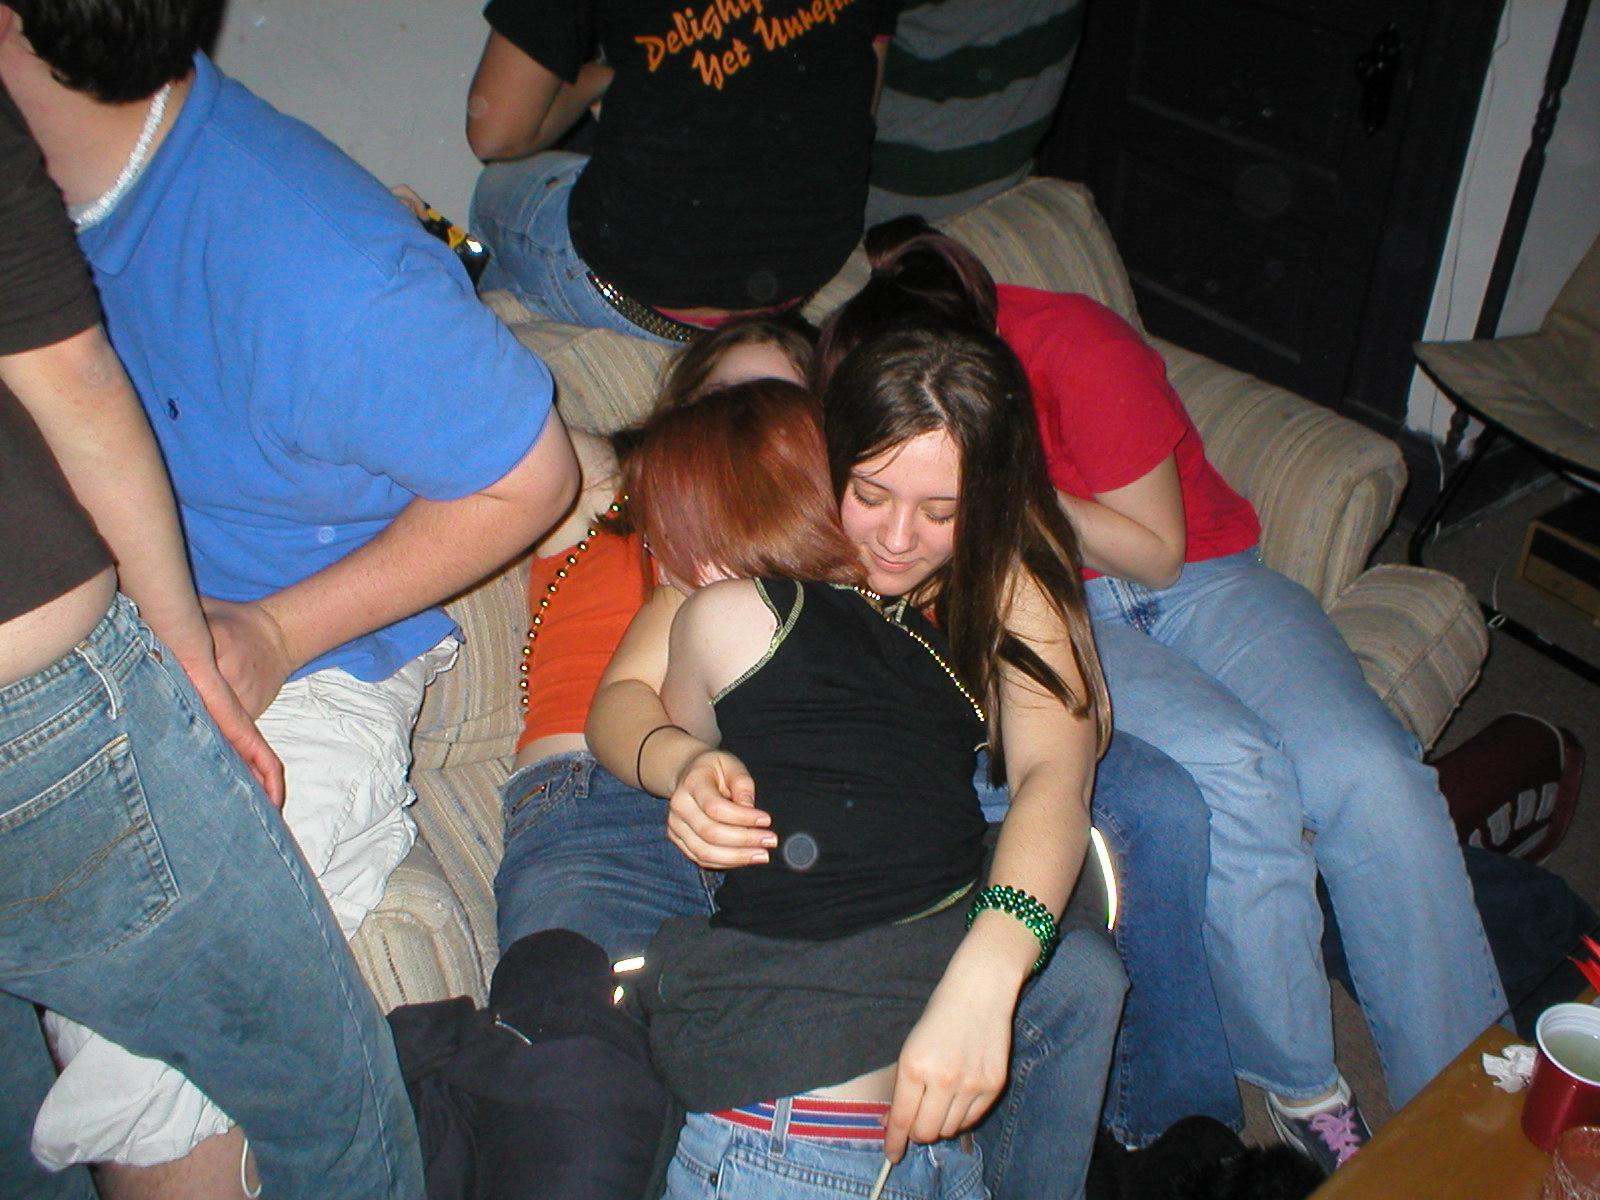 drunkkatie.jpg